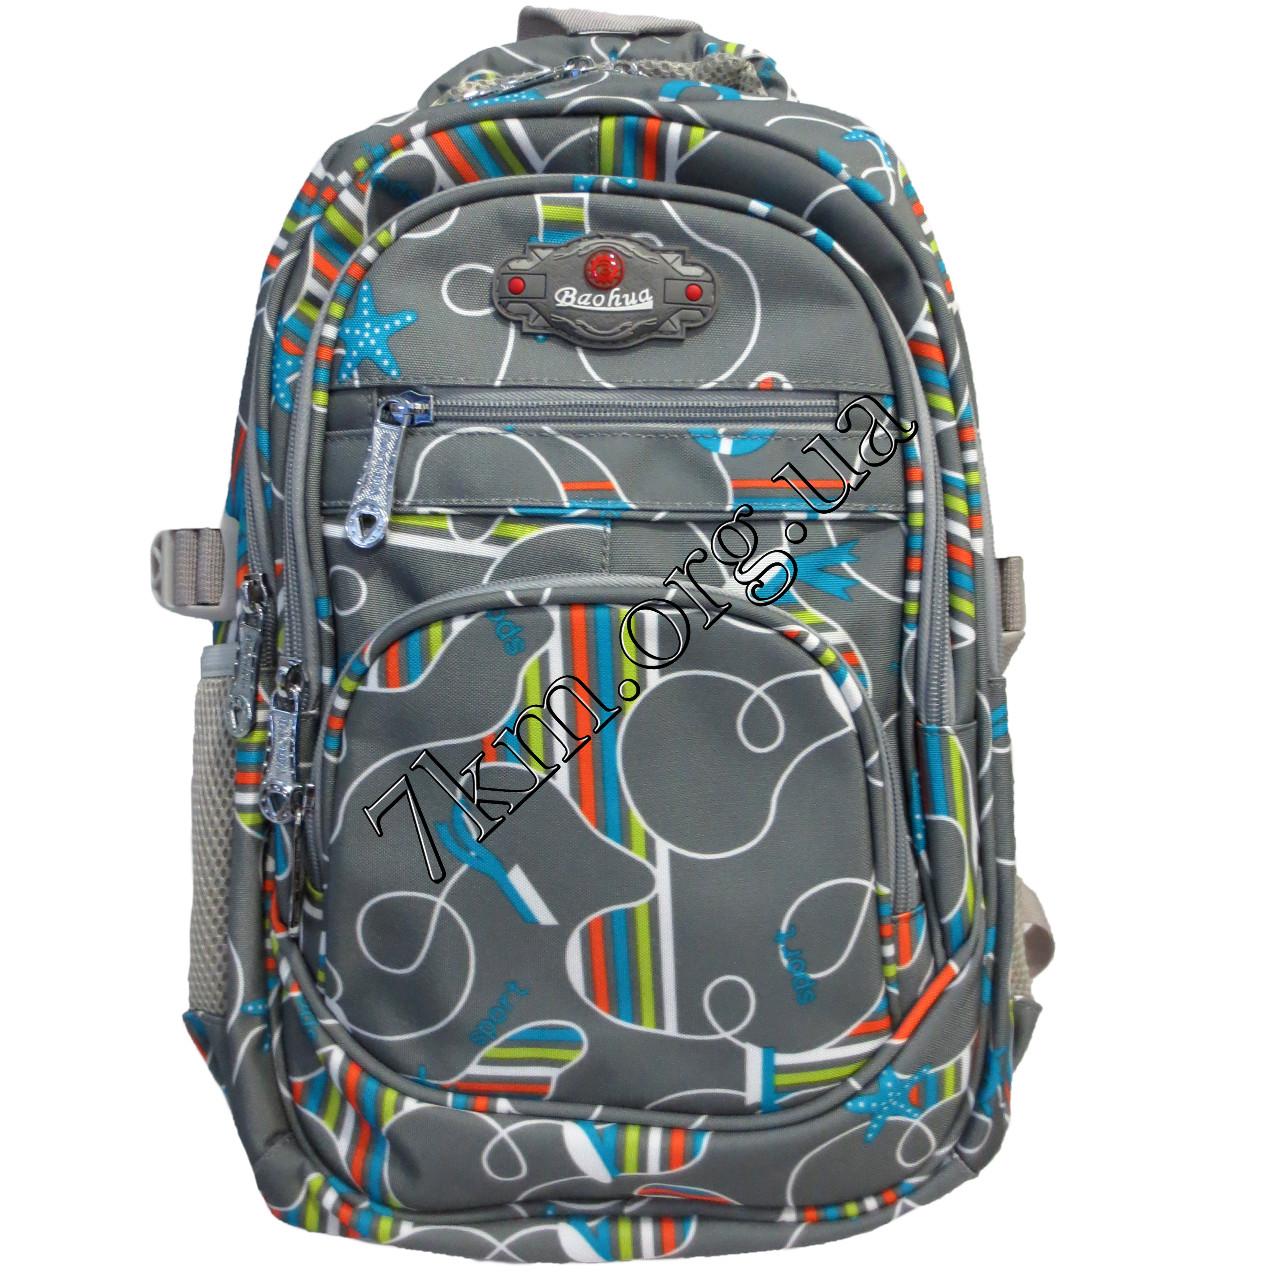 65fea37fdc3e Школьный рюкзак для мальчиков 40*30 CR BH 0203 - Детская одежда оптом 7км -